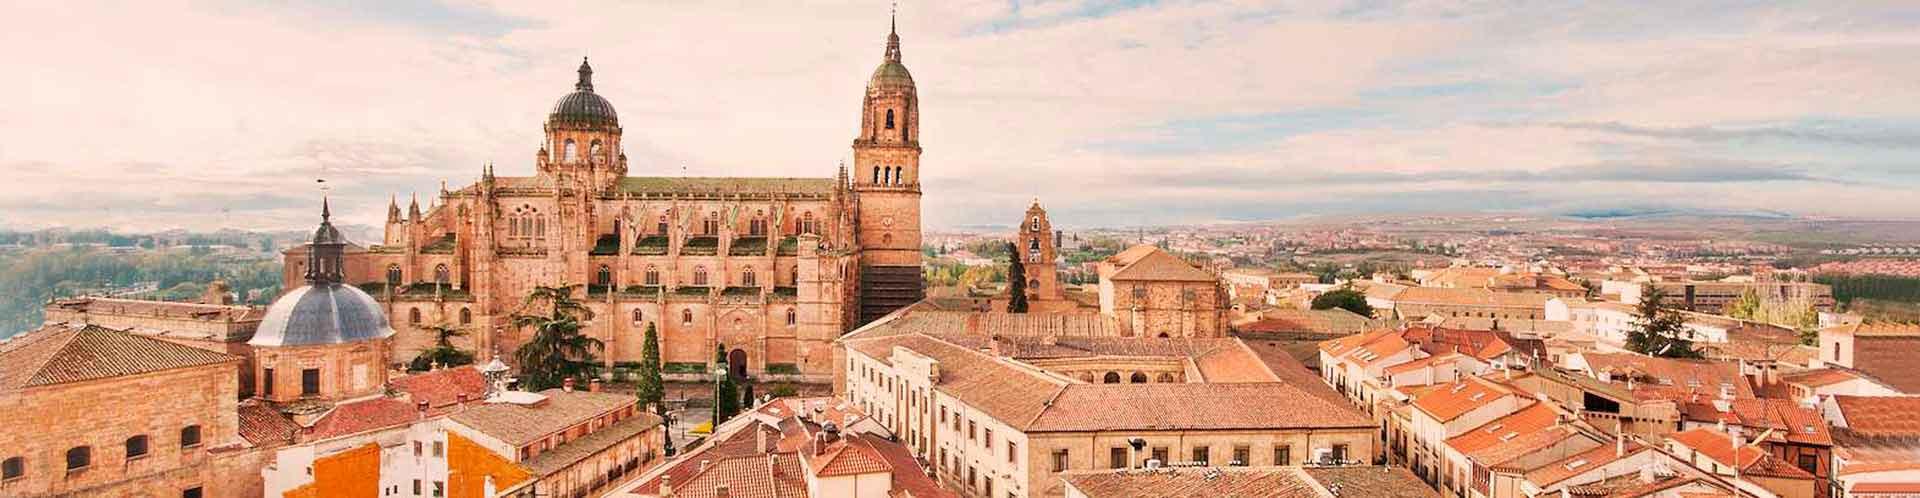 free tour Salamanca - Turismo en España